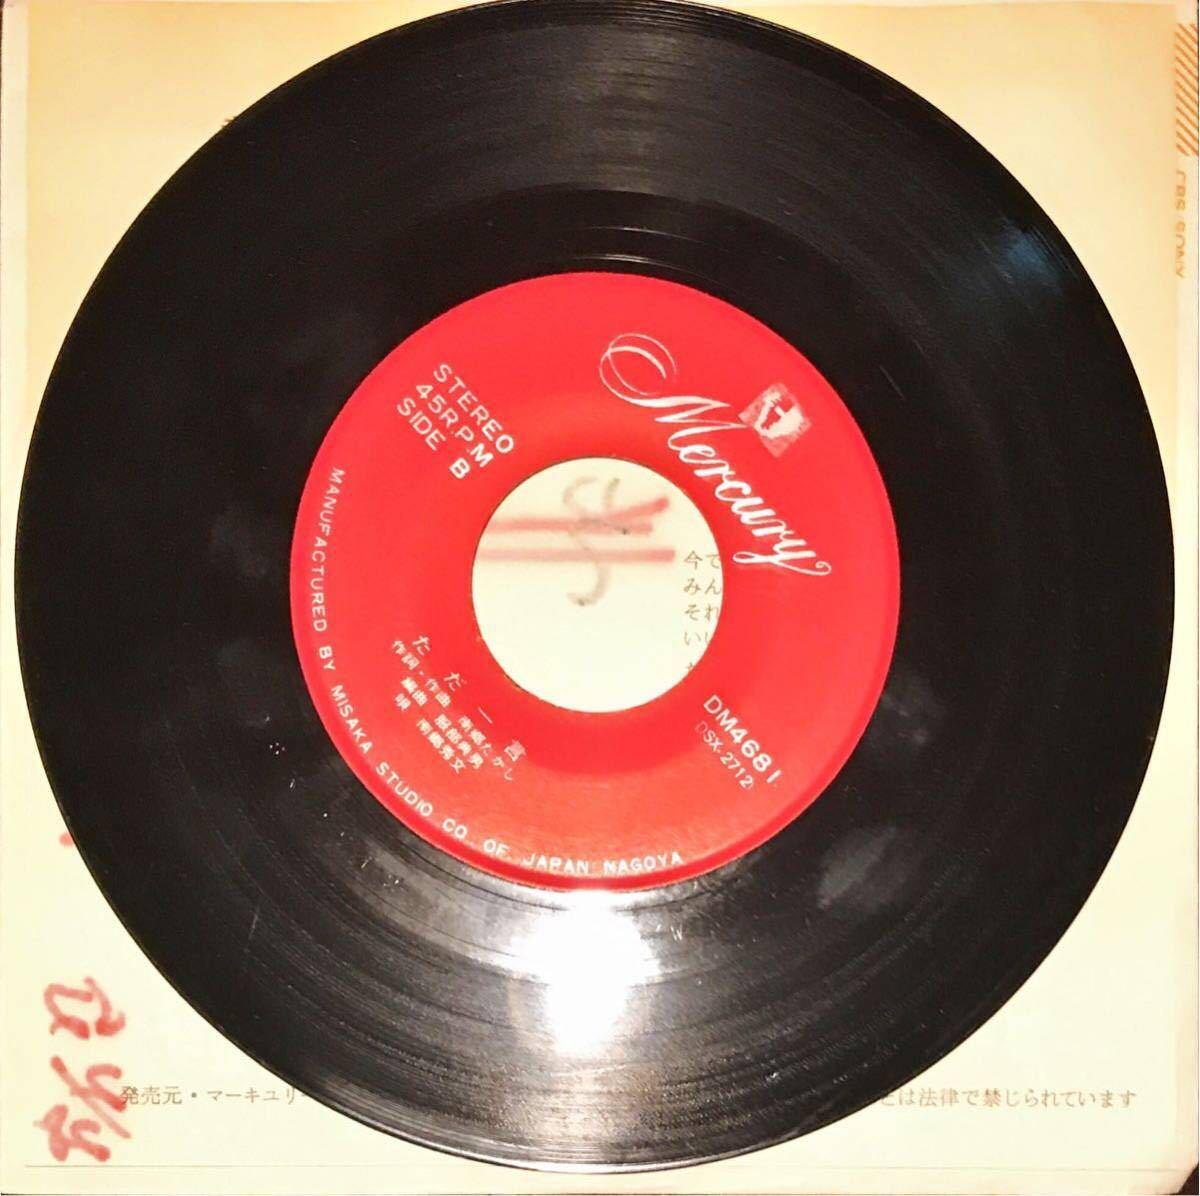 【試聴】和モノB級マイナー流し演歌 南郷たかし / 南郷秀文 // 赤い靴 / ただ一言  ディープ歌謡 【EP】1977年 自主 7inch_画像3